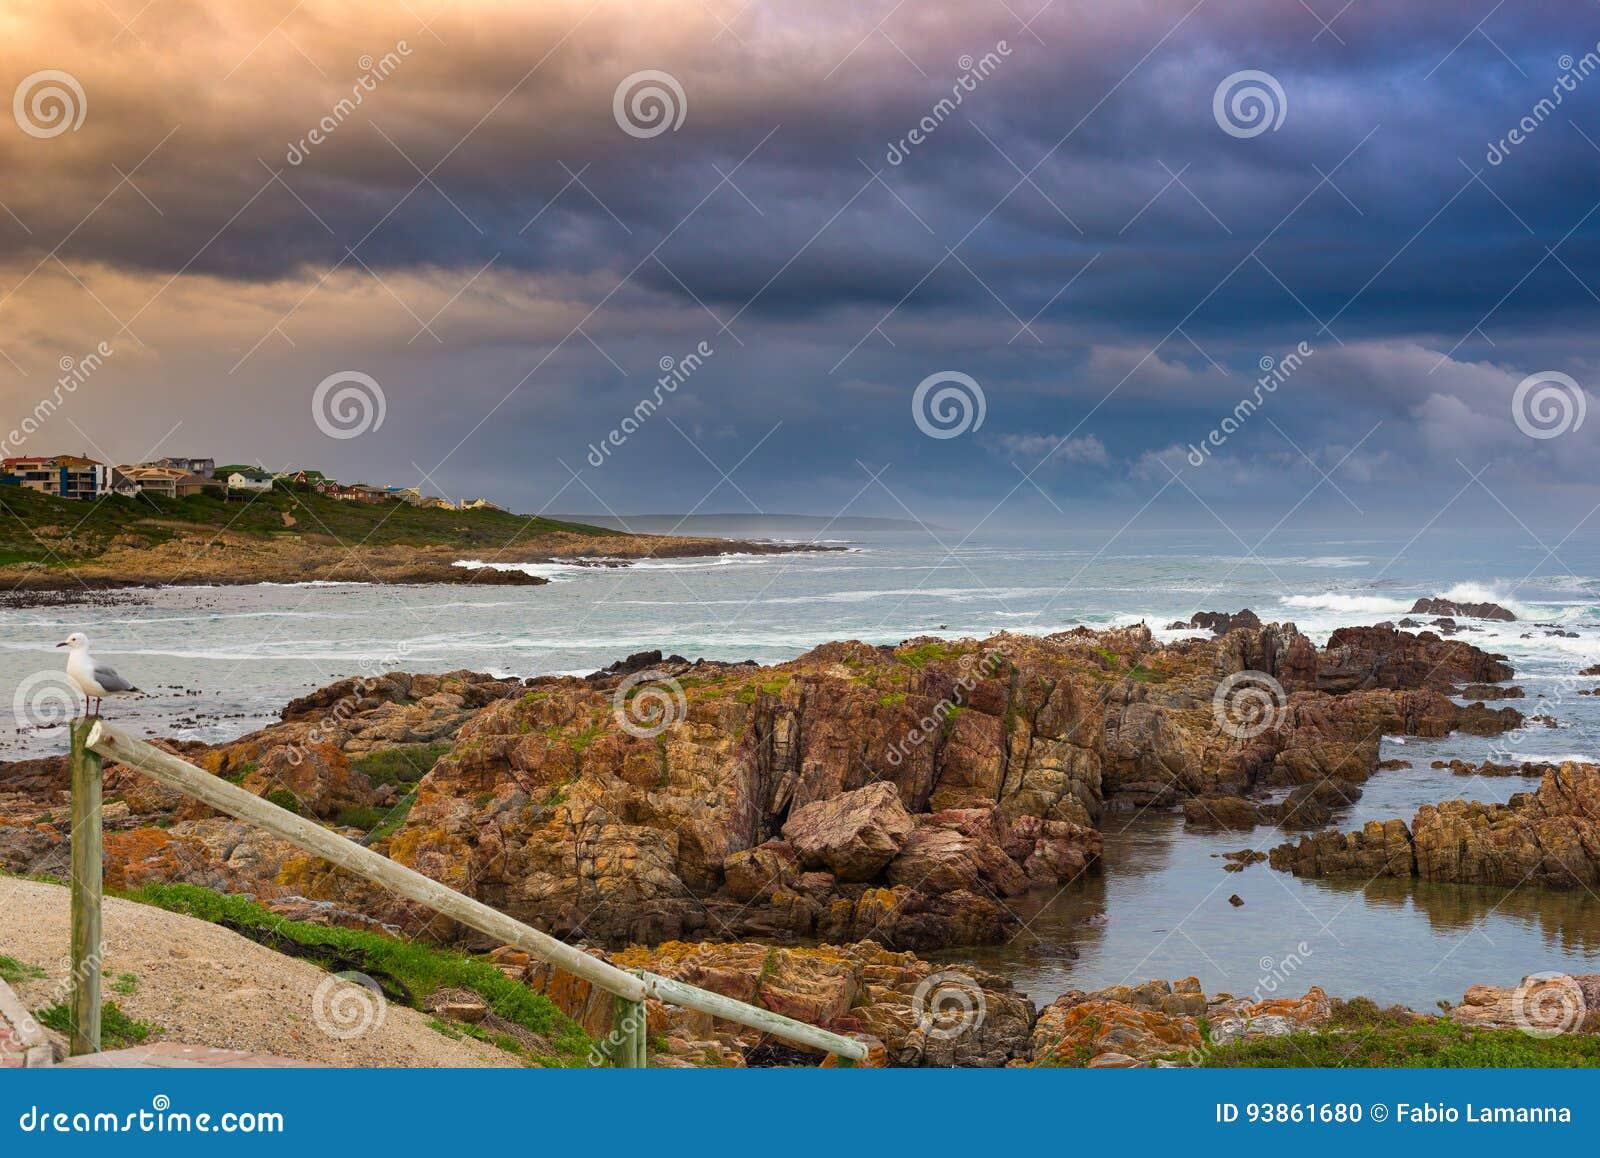 Rotsachtige kustlijn op de oceaan in DE Kelders, Zuid-Afrika, beroemd voor walvis het letten op Wintertijd, bewolkte en dramatisc